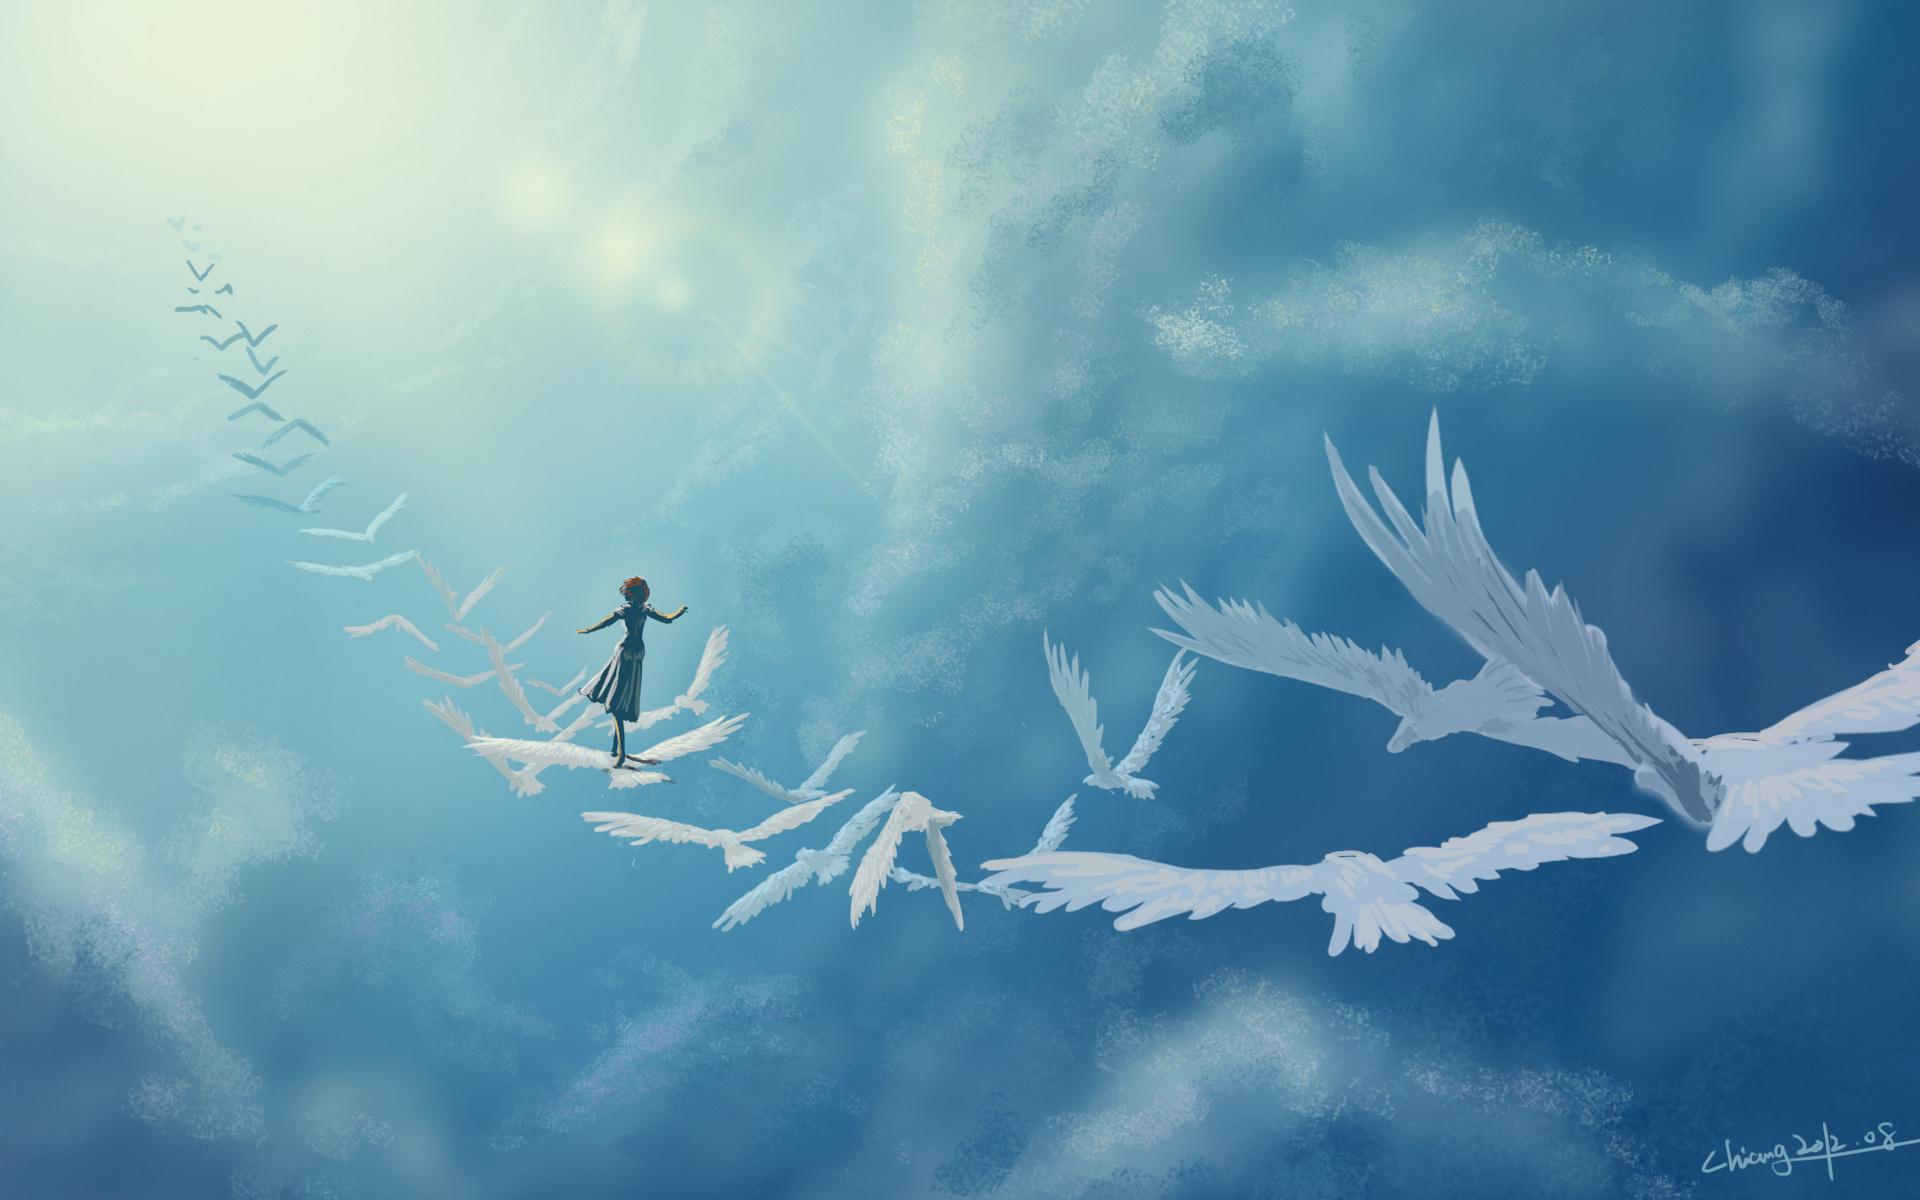 том, картинка крылья успеха прошла весь процесс